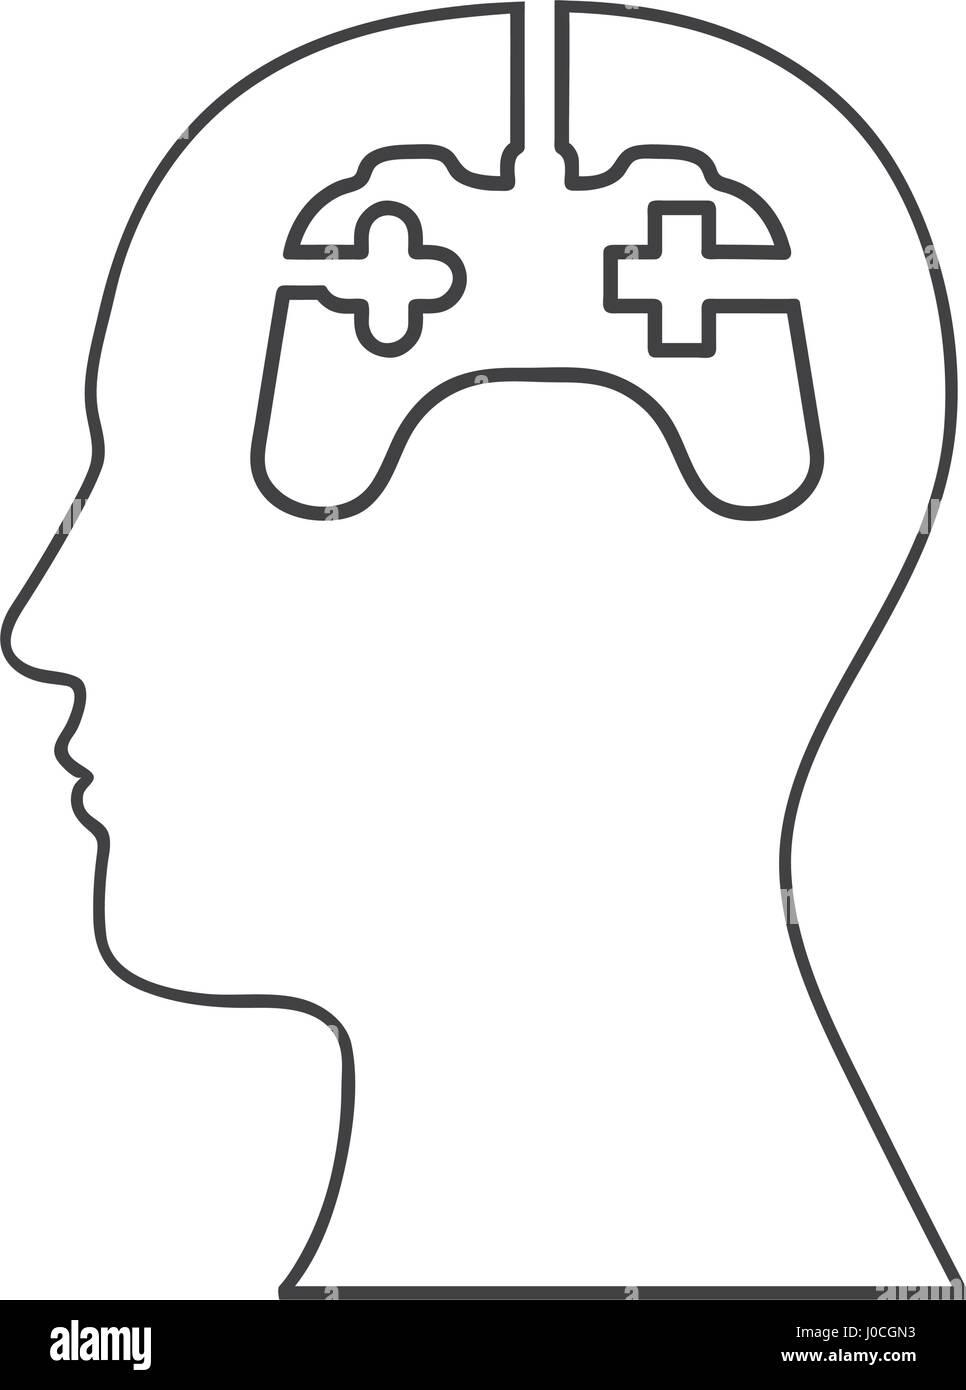 Silueta monocroma de cabeza humana y mente gamer Imagen De Stock